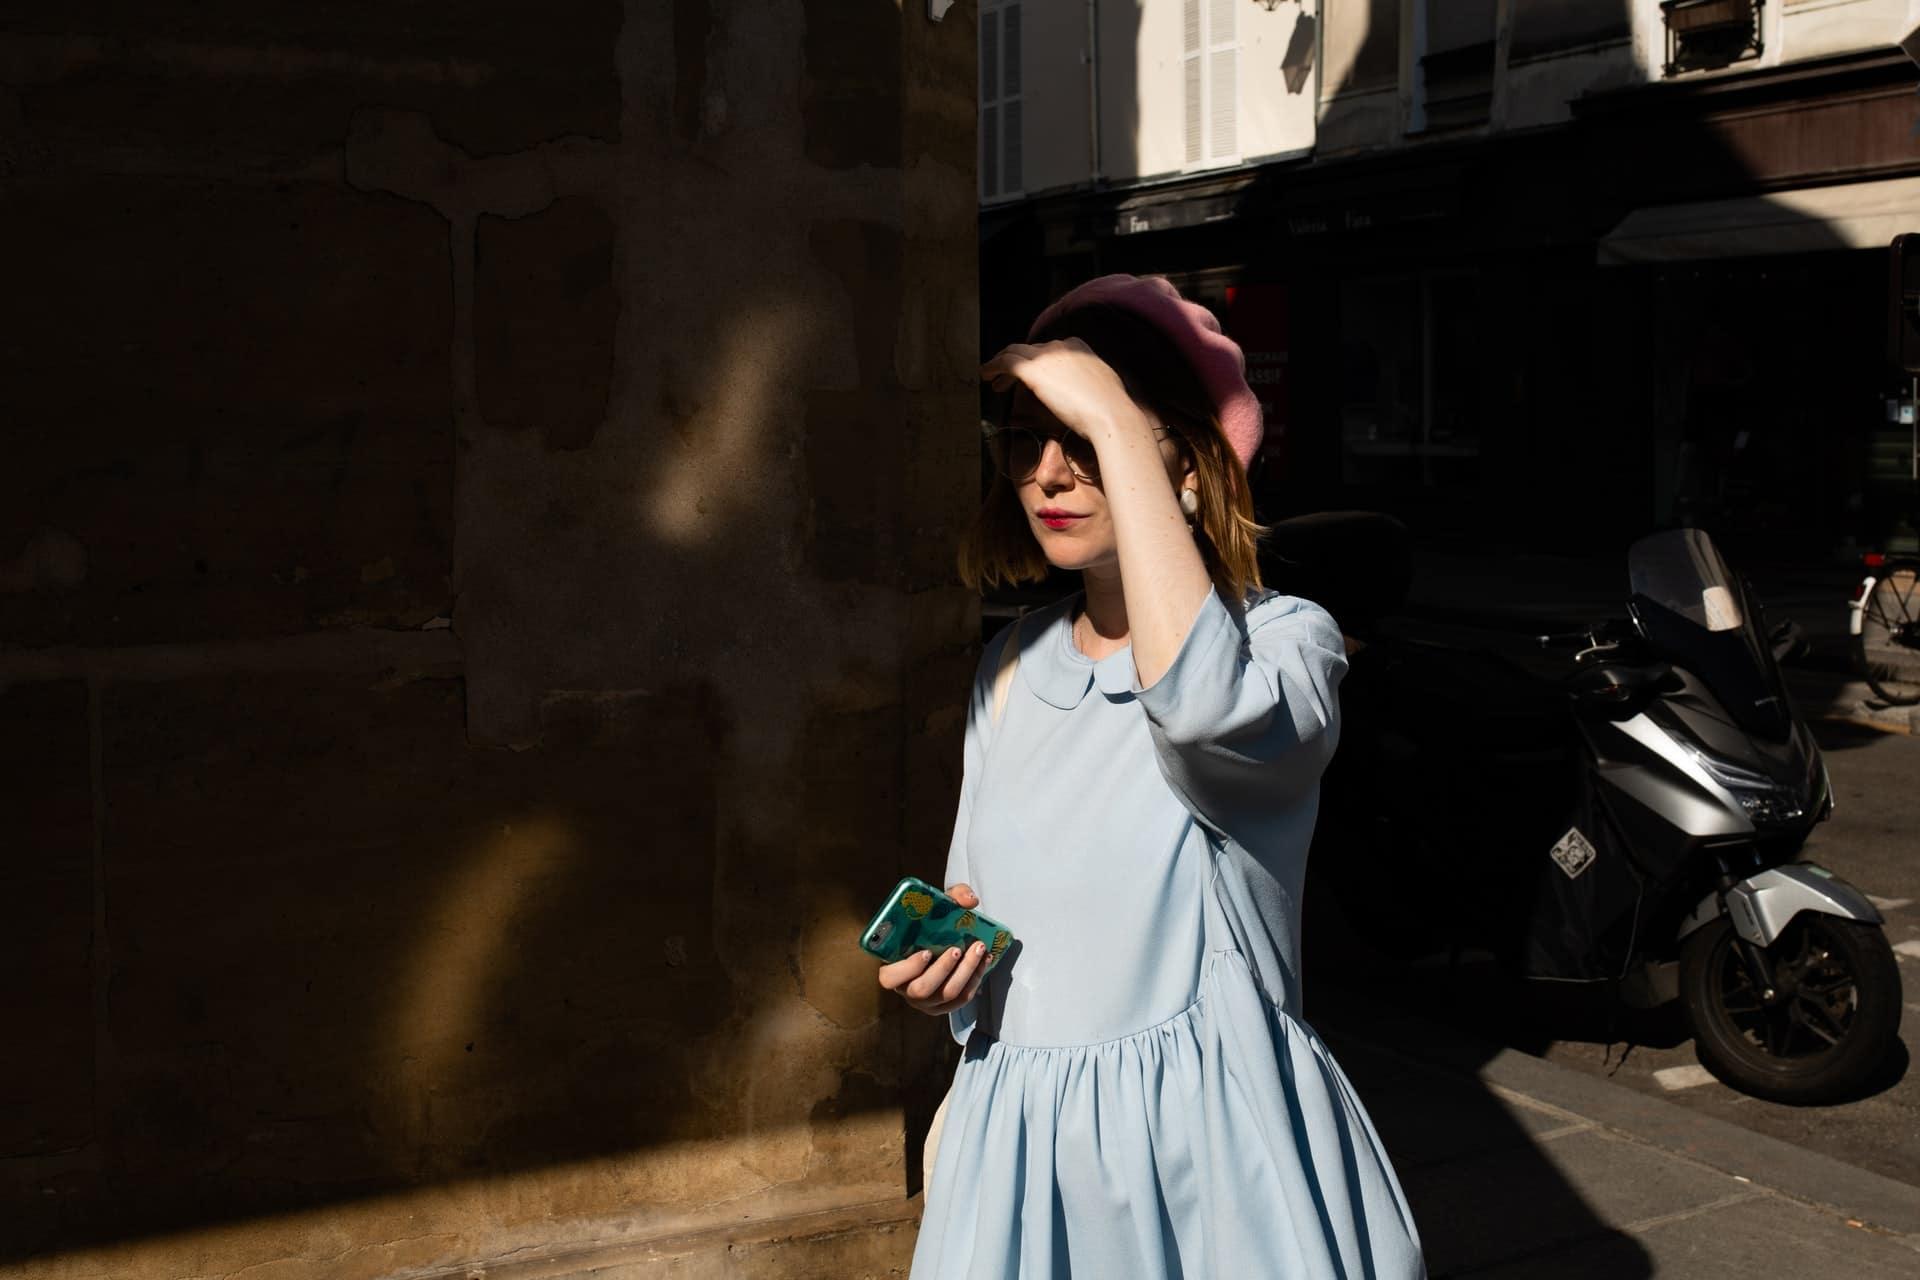 Ingyenes fogamzásgátlás: a francia nők számára valósággá válik